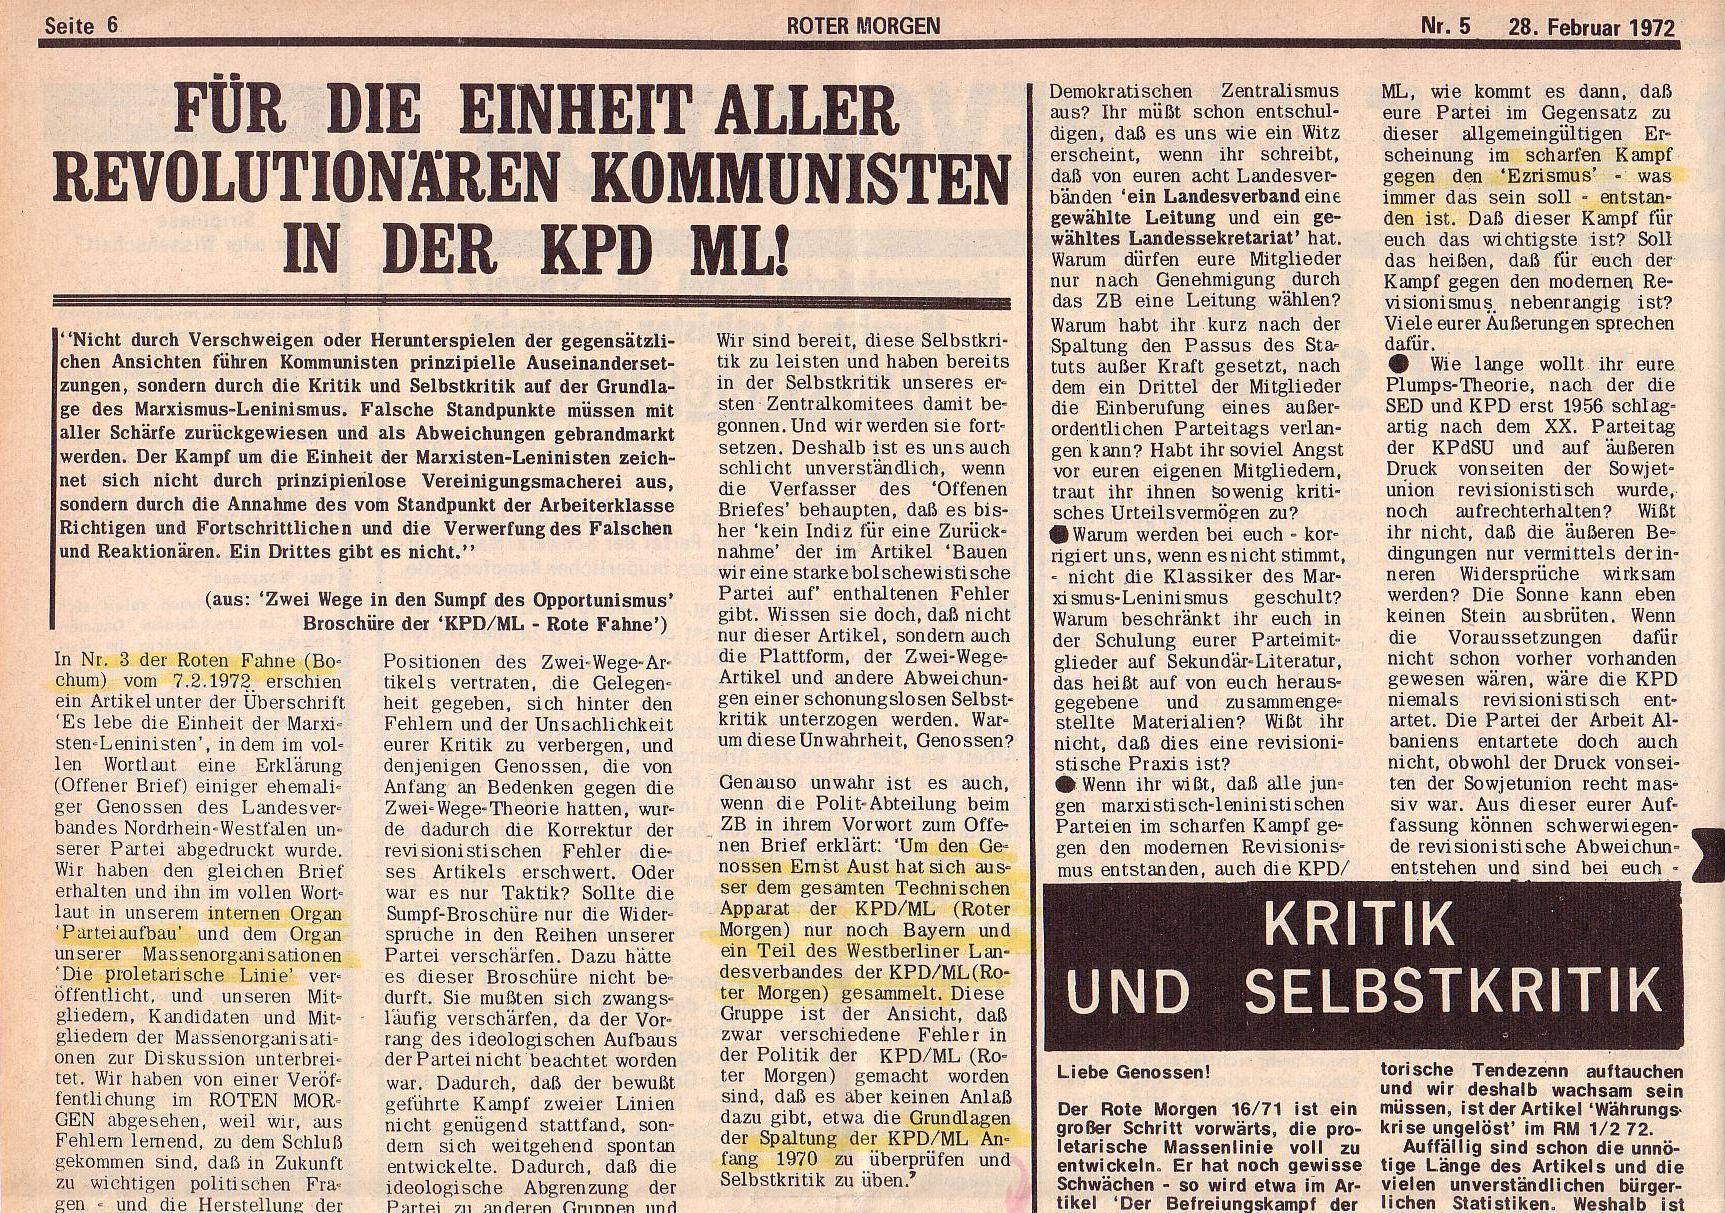 Roter Morgen, 6. Jg., 28. Februar 1972, Nr. 5, Seite 6a